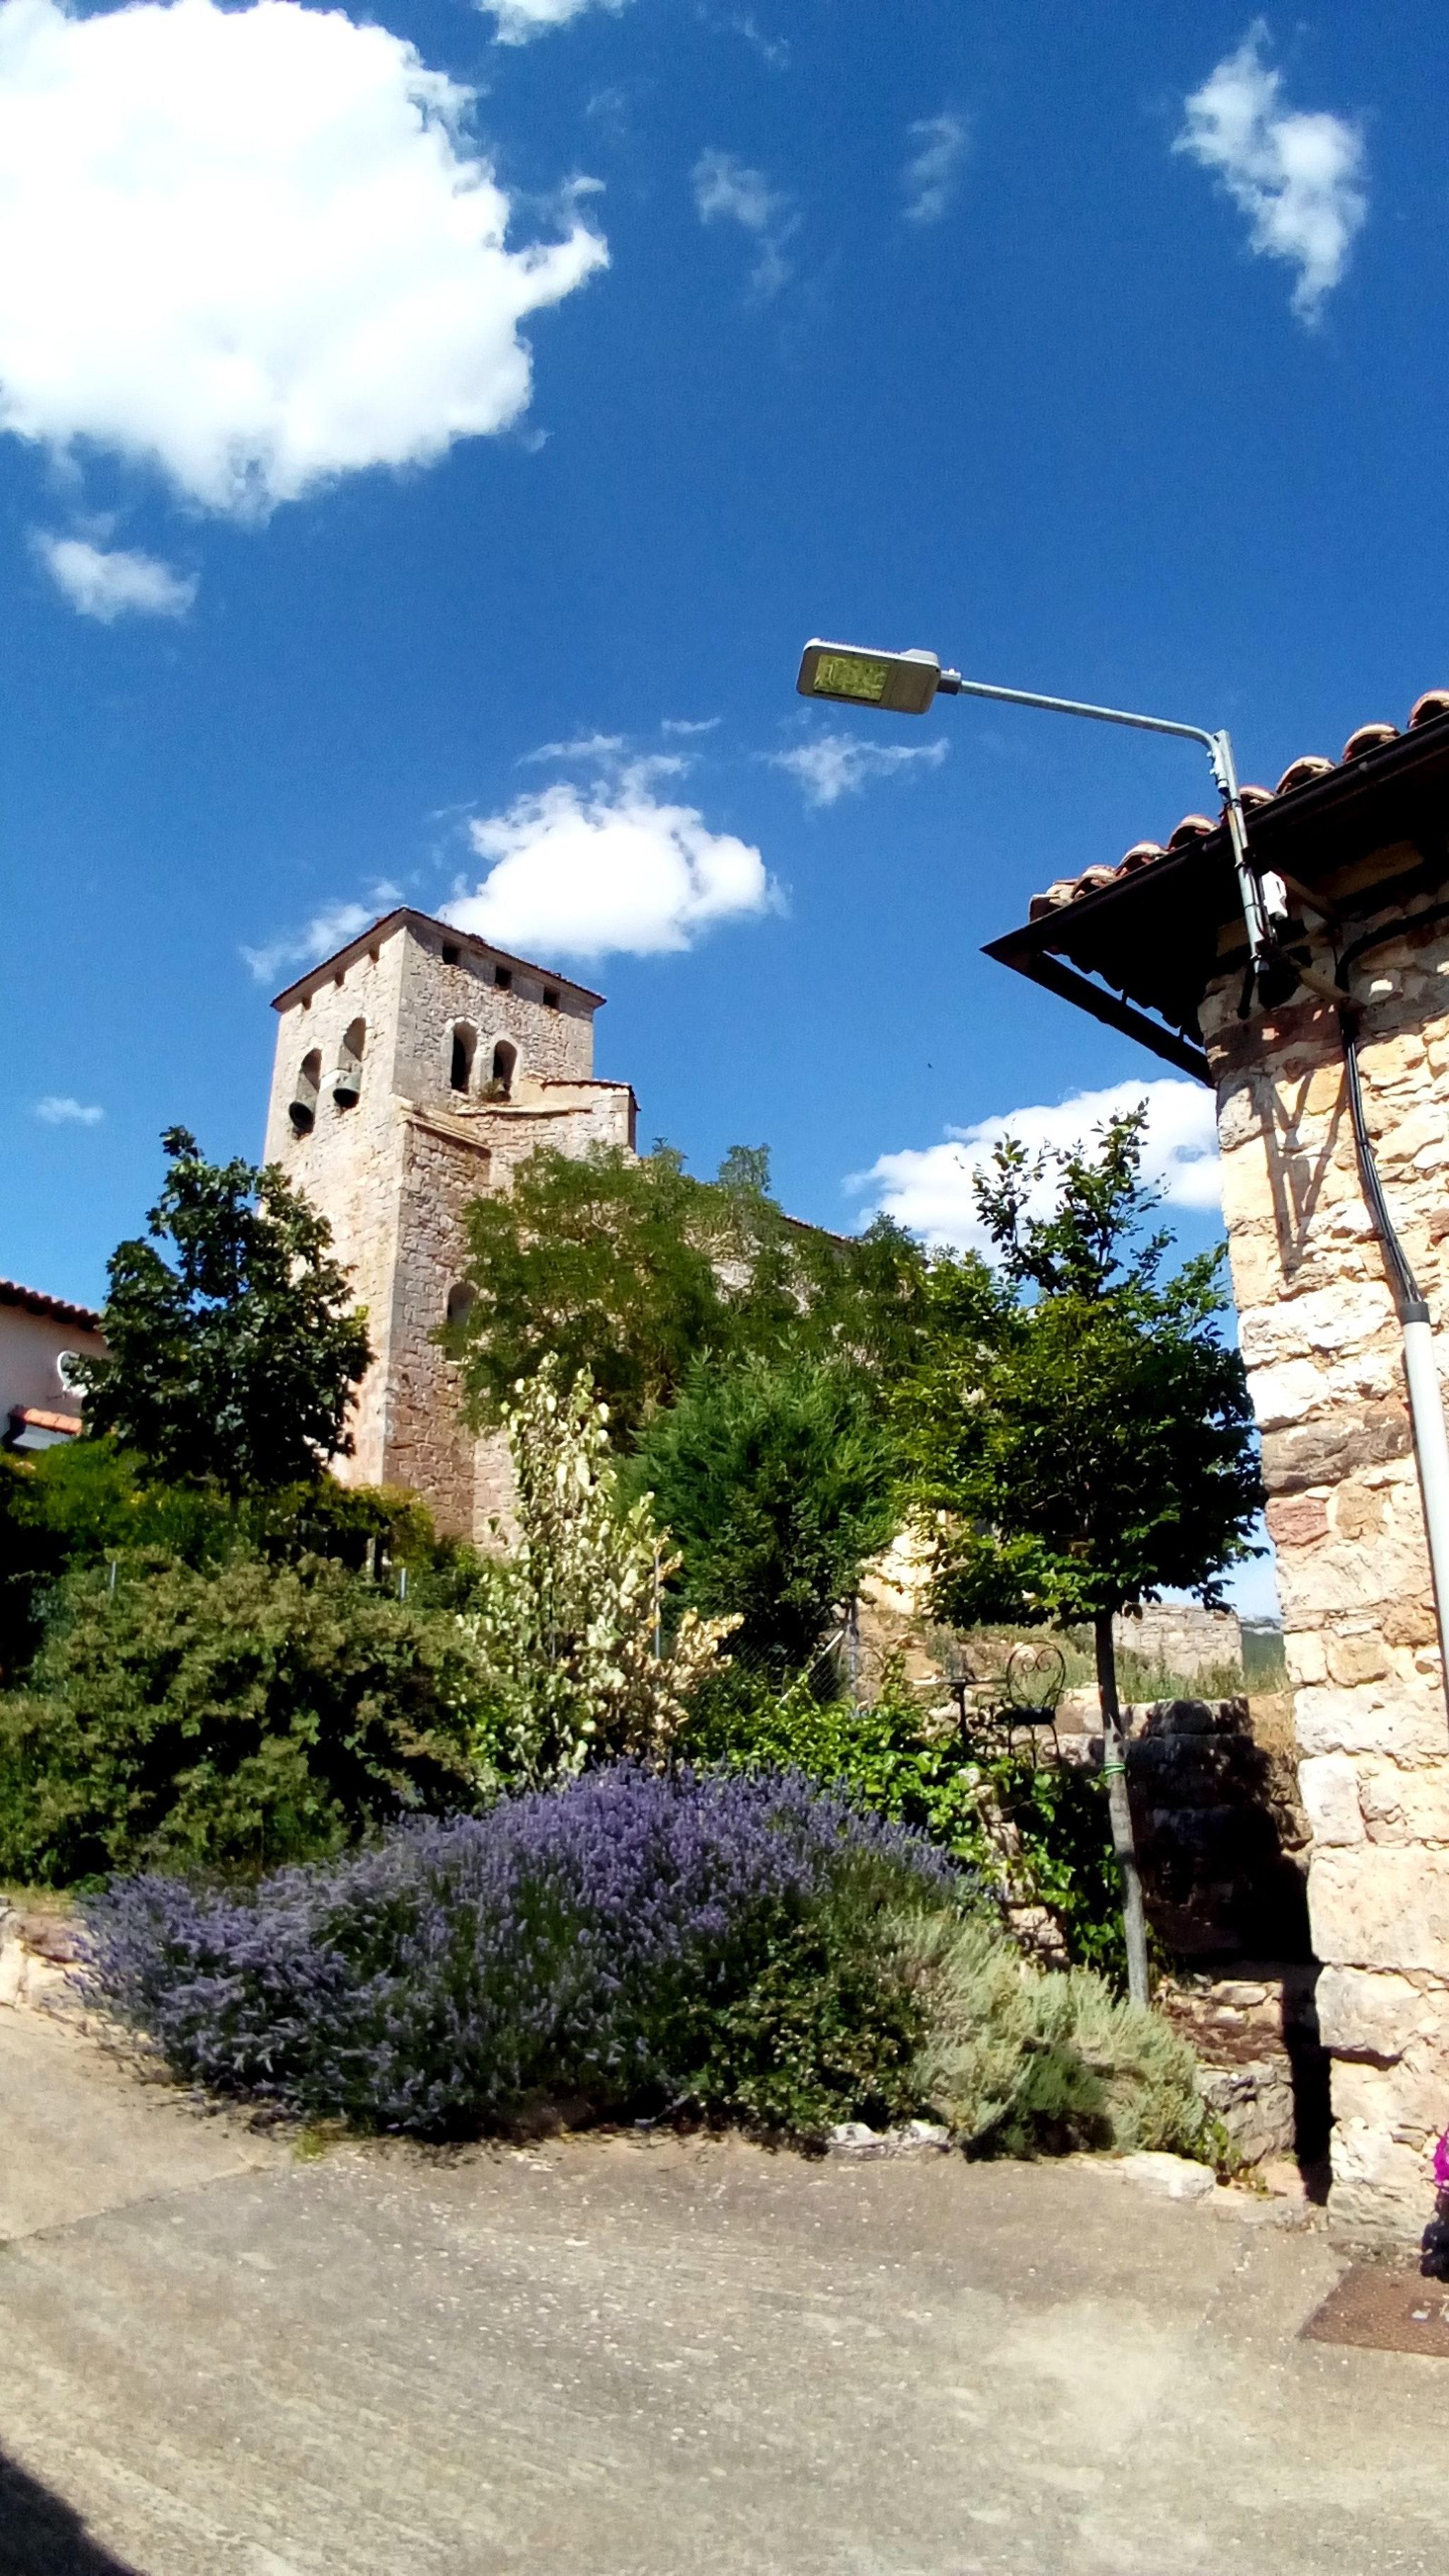 Ferienhaus Haus mit 5 Zimmern in Fuenteodra mit toller Aussicht auf die Berge, eingezäuntem Garten un (2211142), Fuenteodra, Burgos, Kastilien-León, Spanien, Bild 59